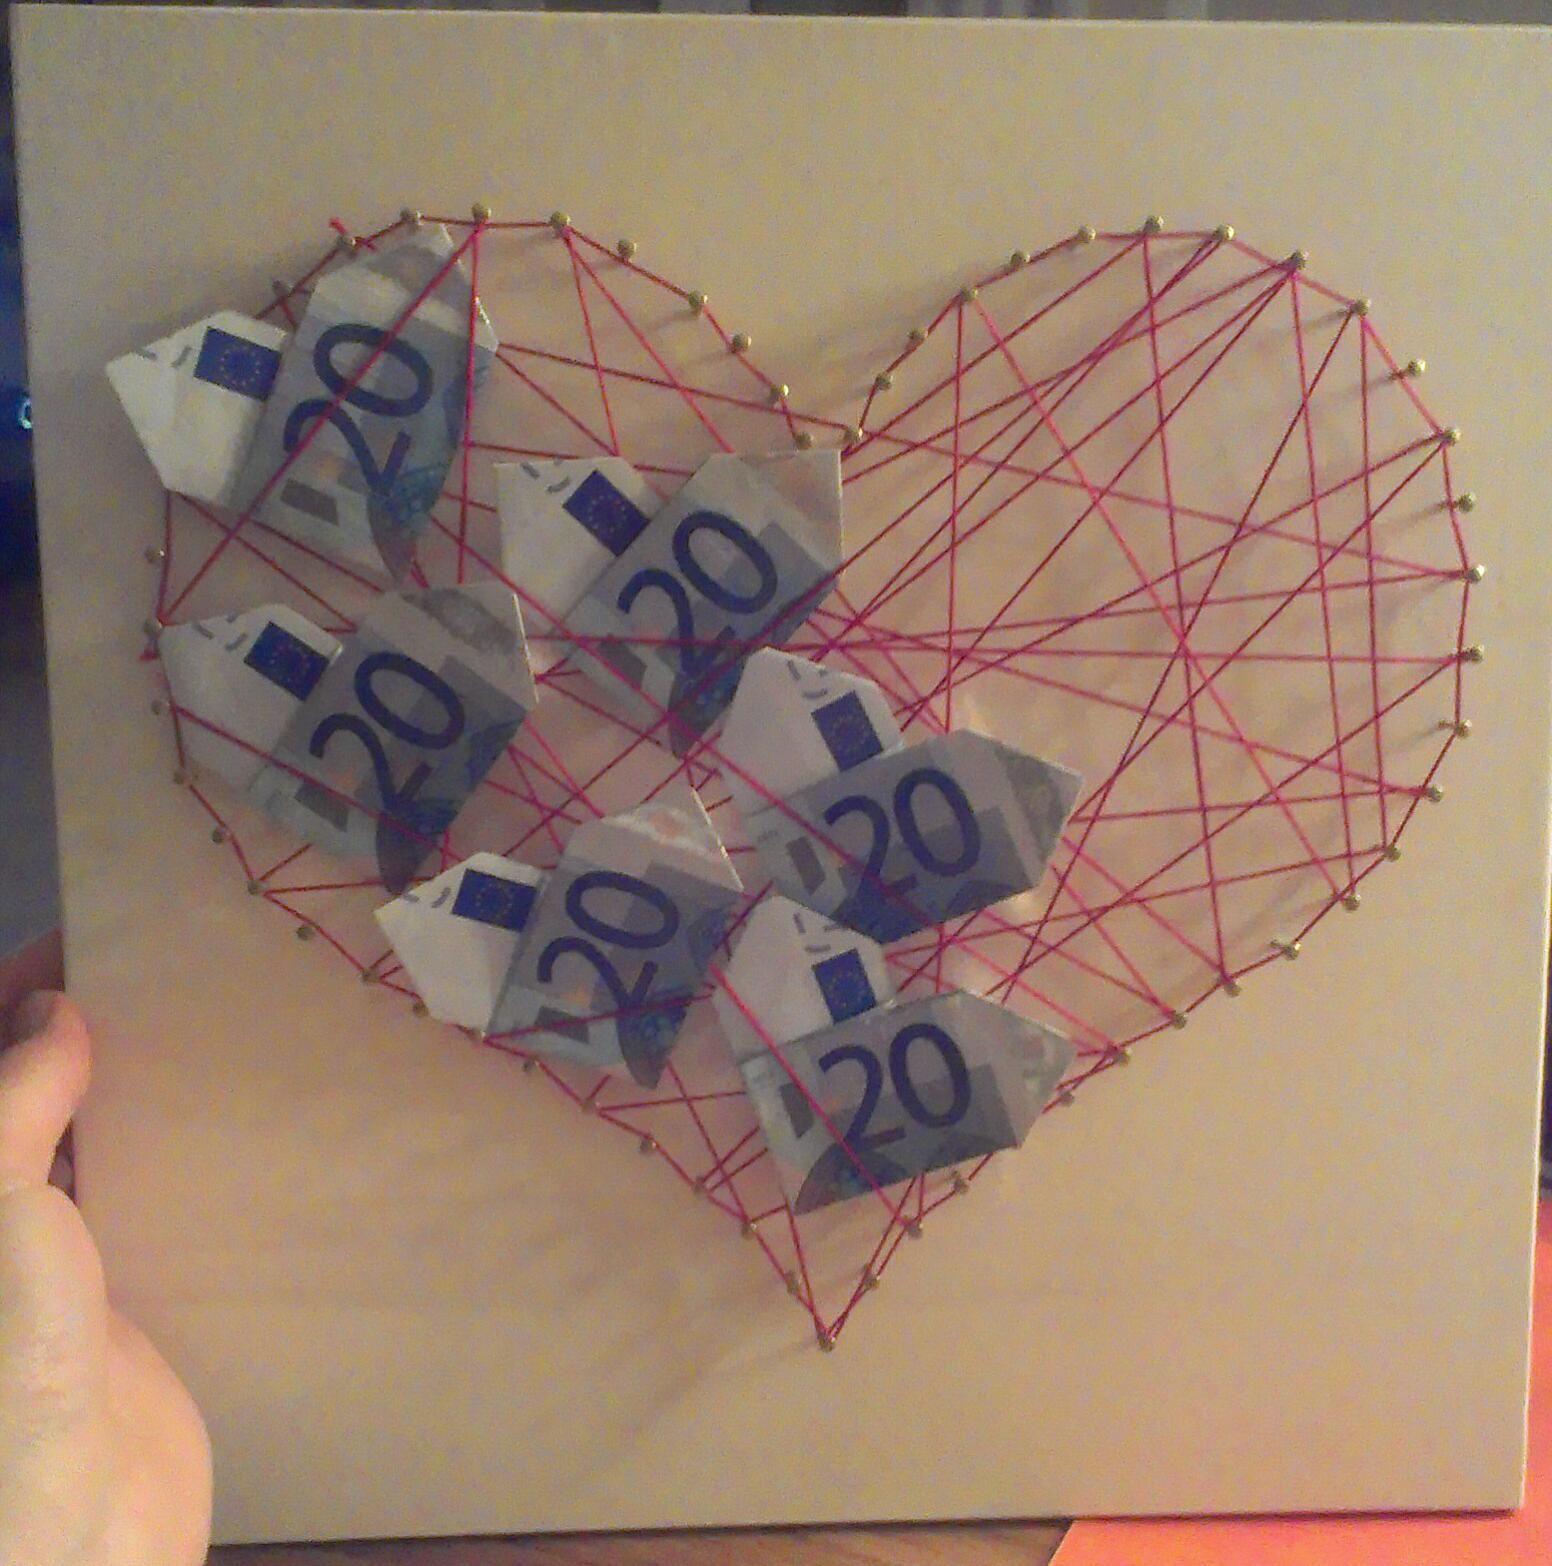 Wedding Gift Ideas Pinterest: Geldgeschenk, Hochzeit, Präsent, Wedding Gift, Heart